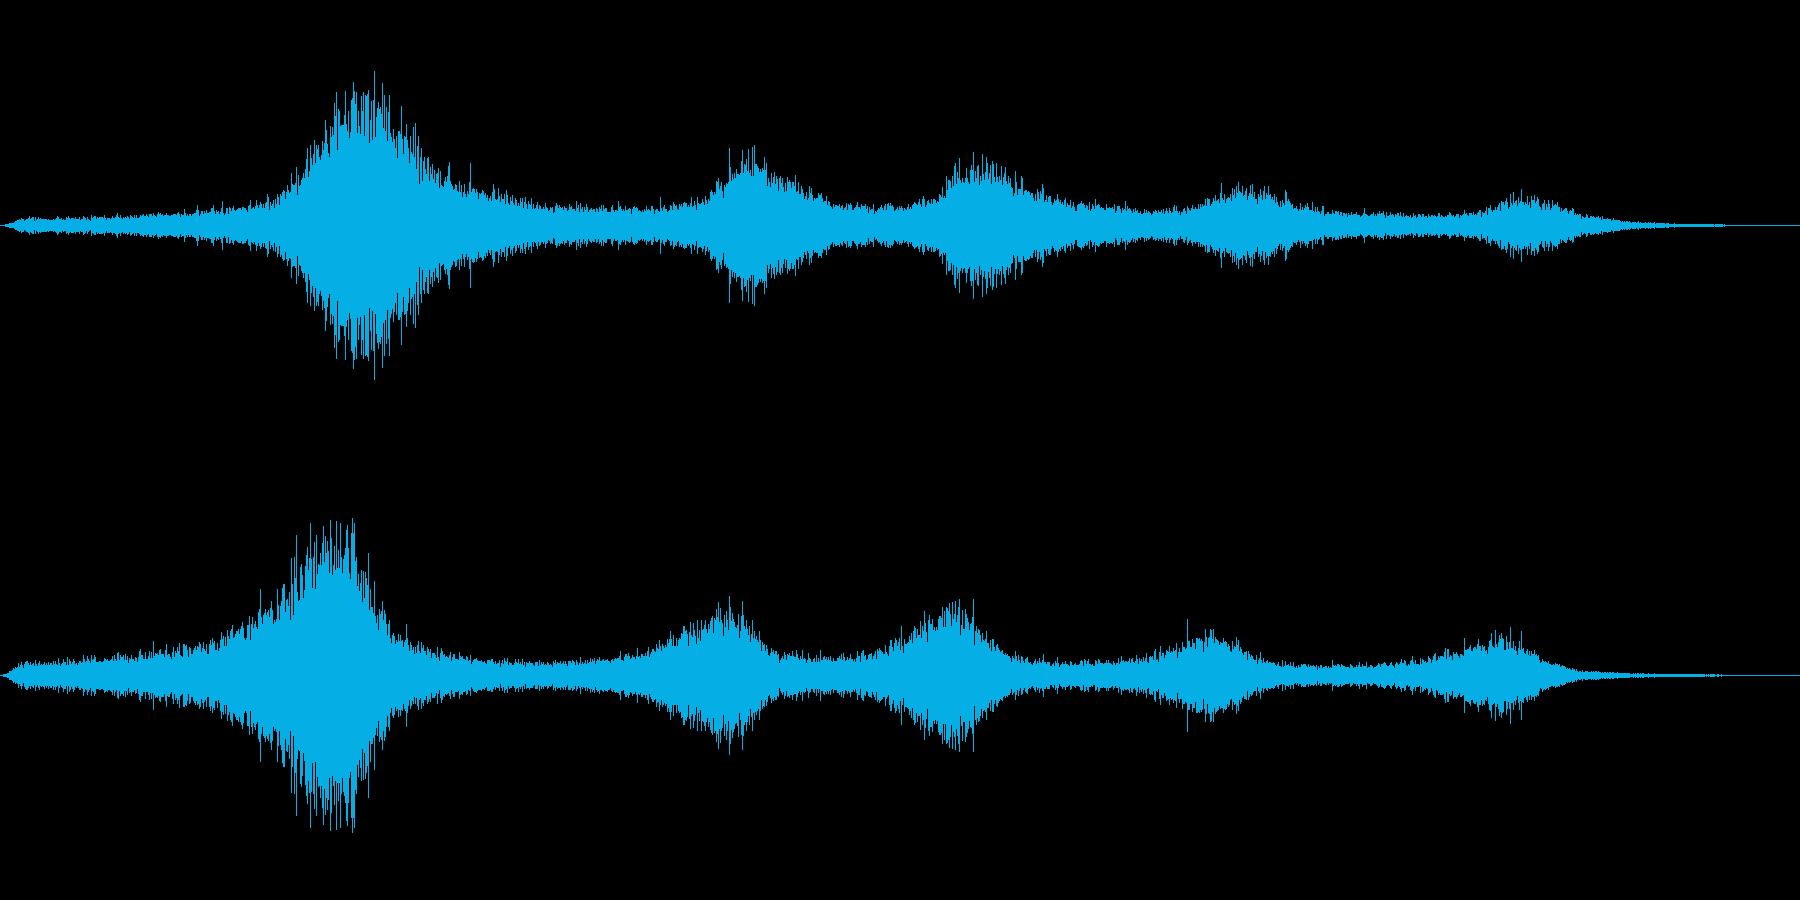 【生録音】 早朝の街 交通 環境音 28の再生済みの波形